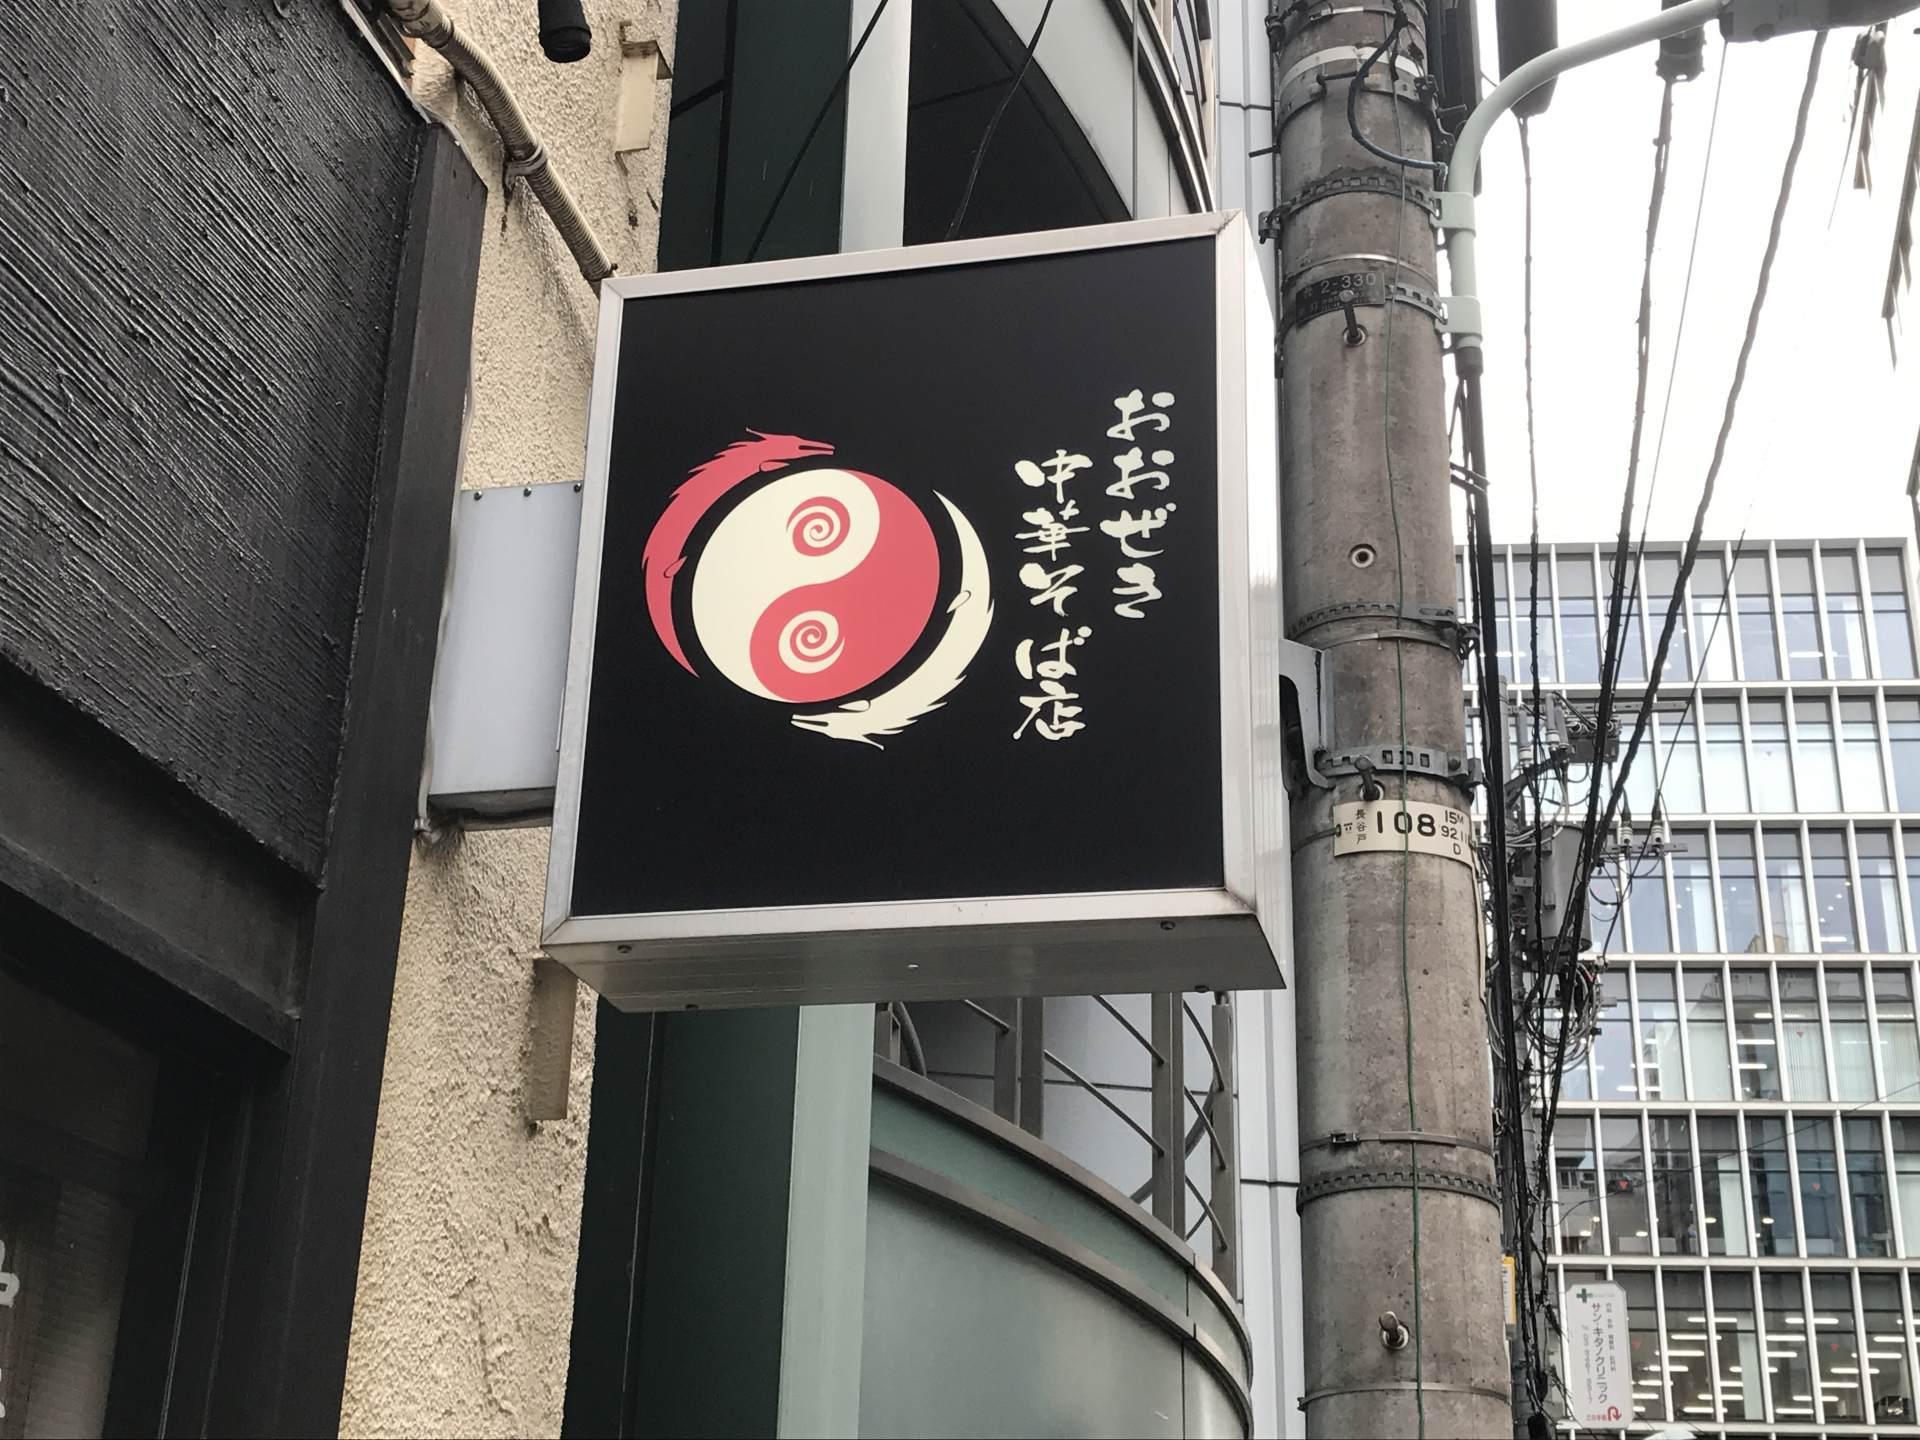 大关中华拉面(おおぜき中華そば店)